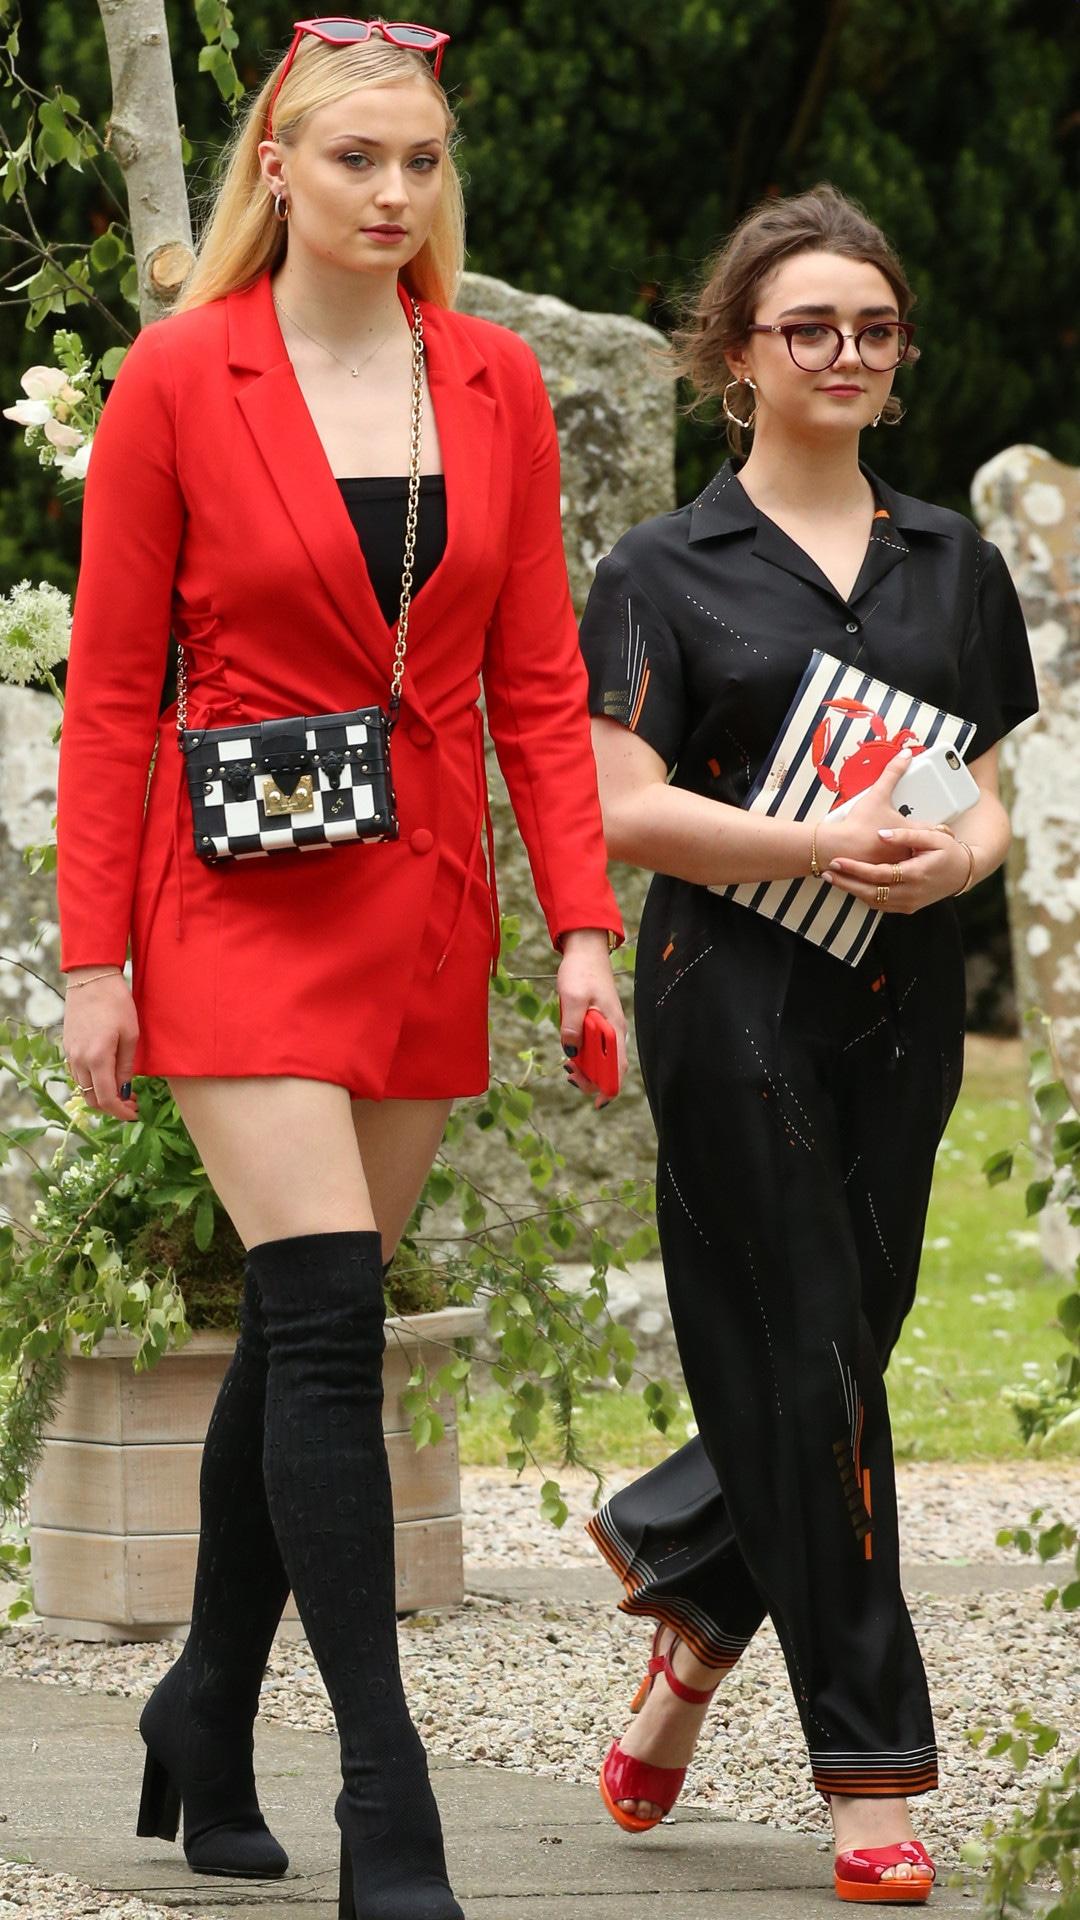 Rose Leslie, Kit Harrington, Wedding, Sophie Turner, Maisie Williams